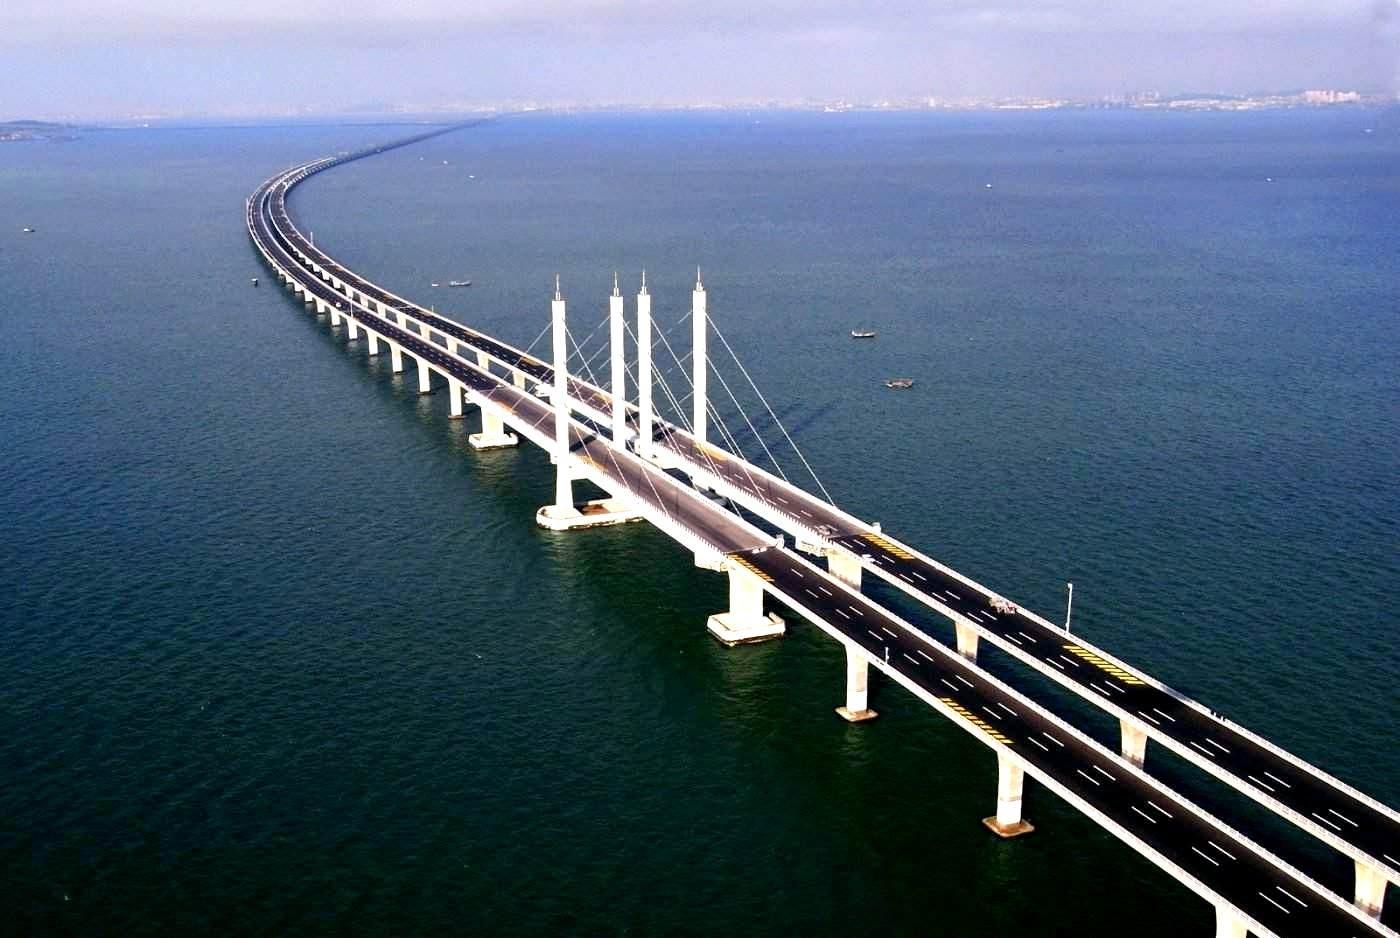 В Российской Федерации спрогнозировали, когда рухнет Керченский мост